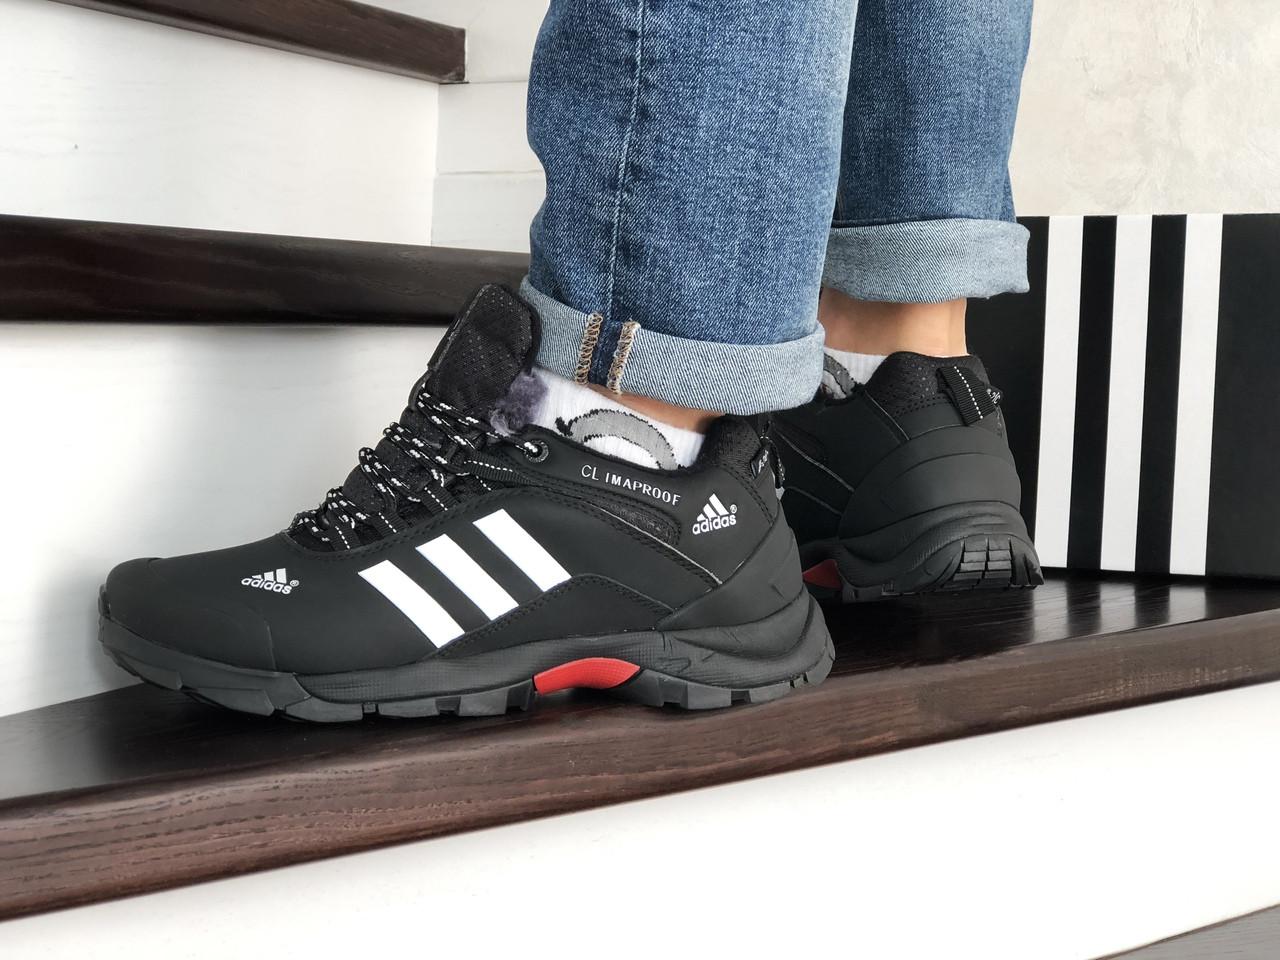 Чоловічі зимові кросівки Adidas Climaproof (чорно-білі)